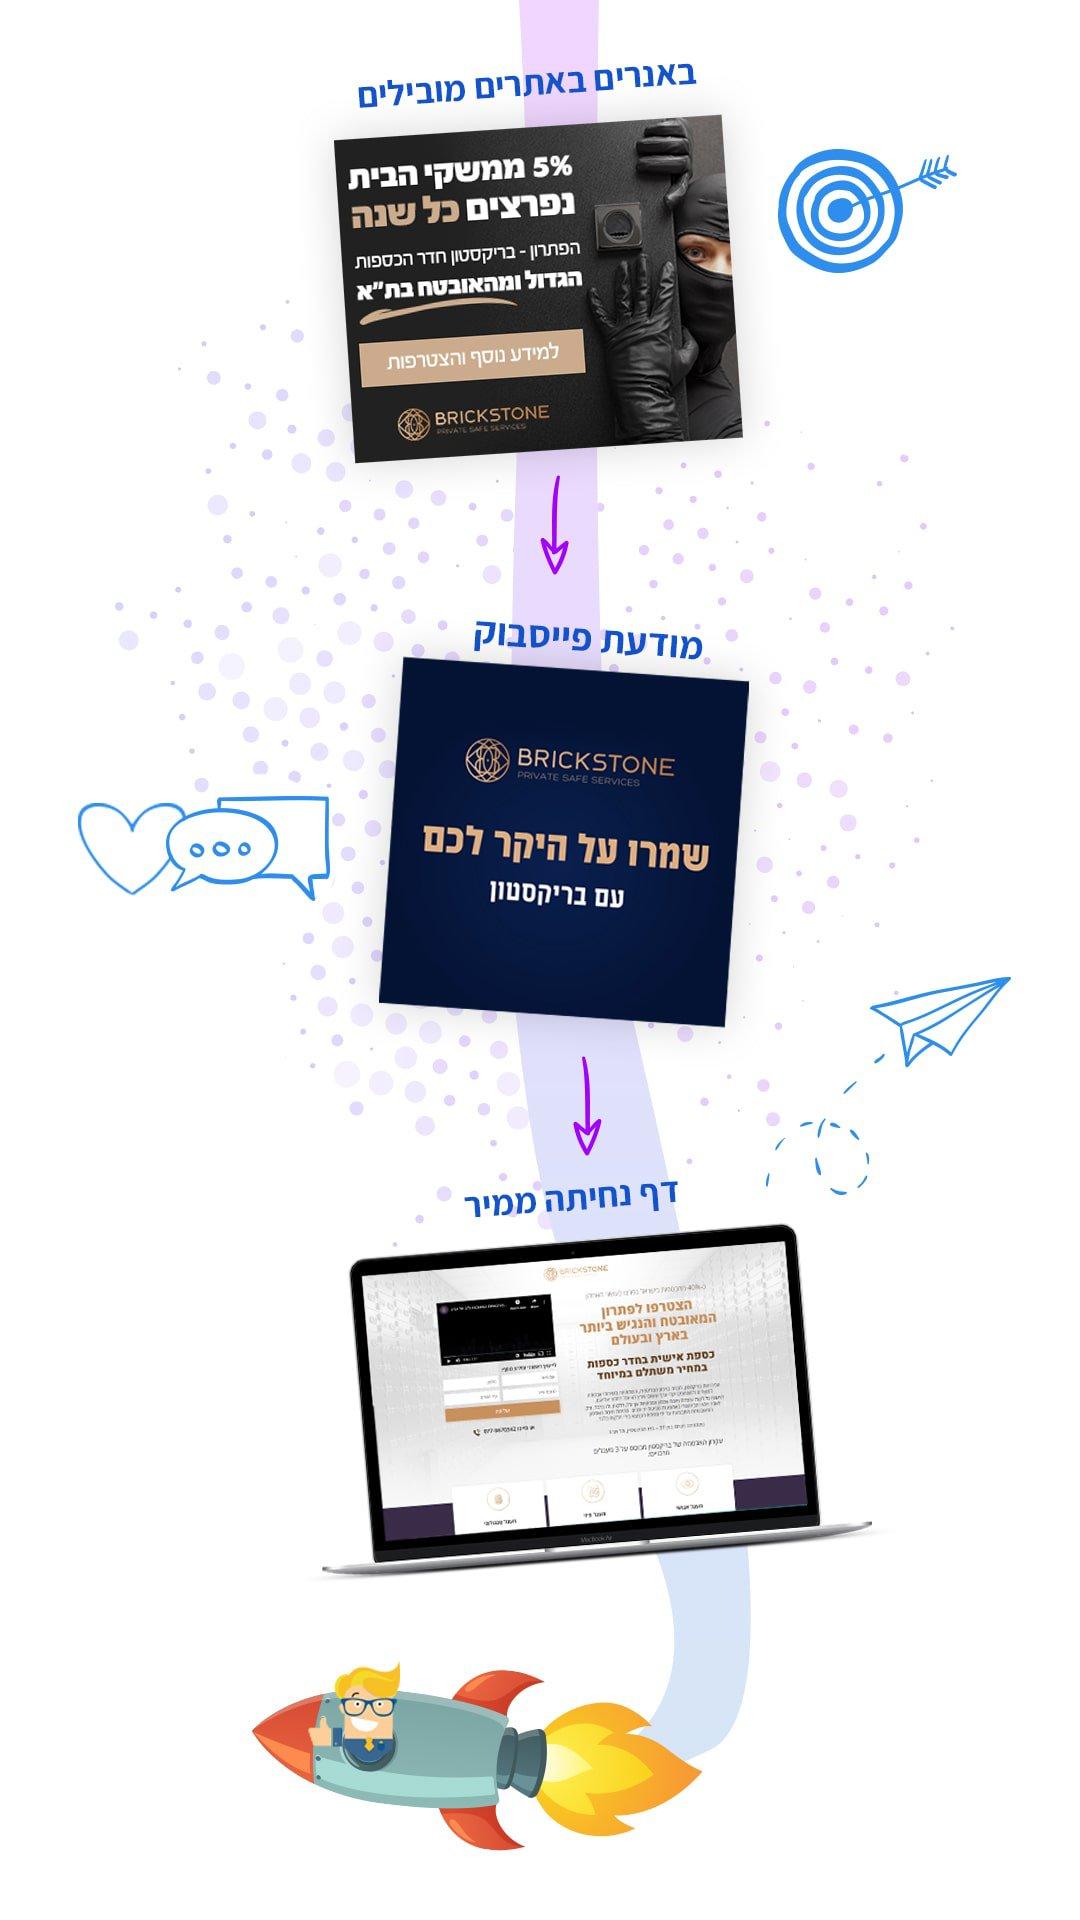 קמפיין לידים - חברה לבניית אתרים 5